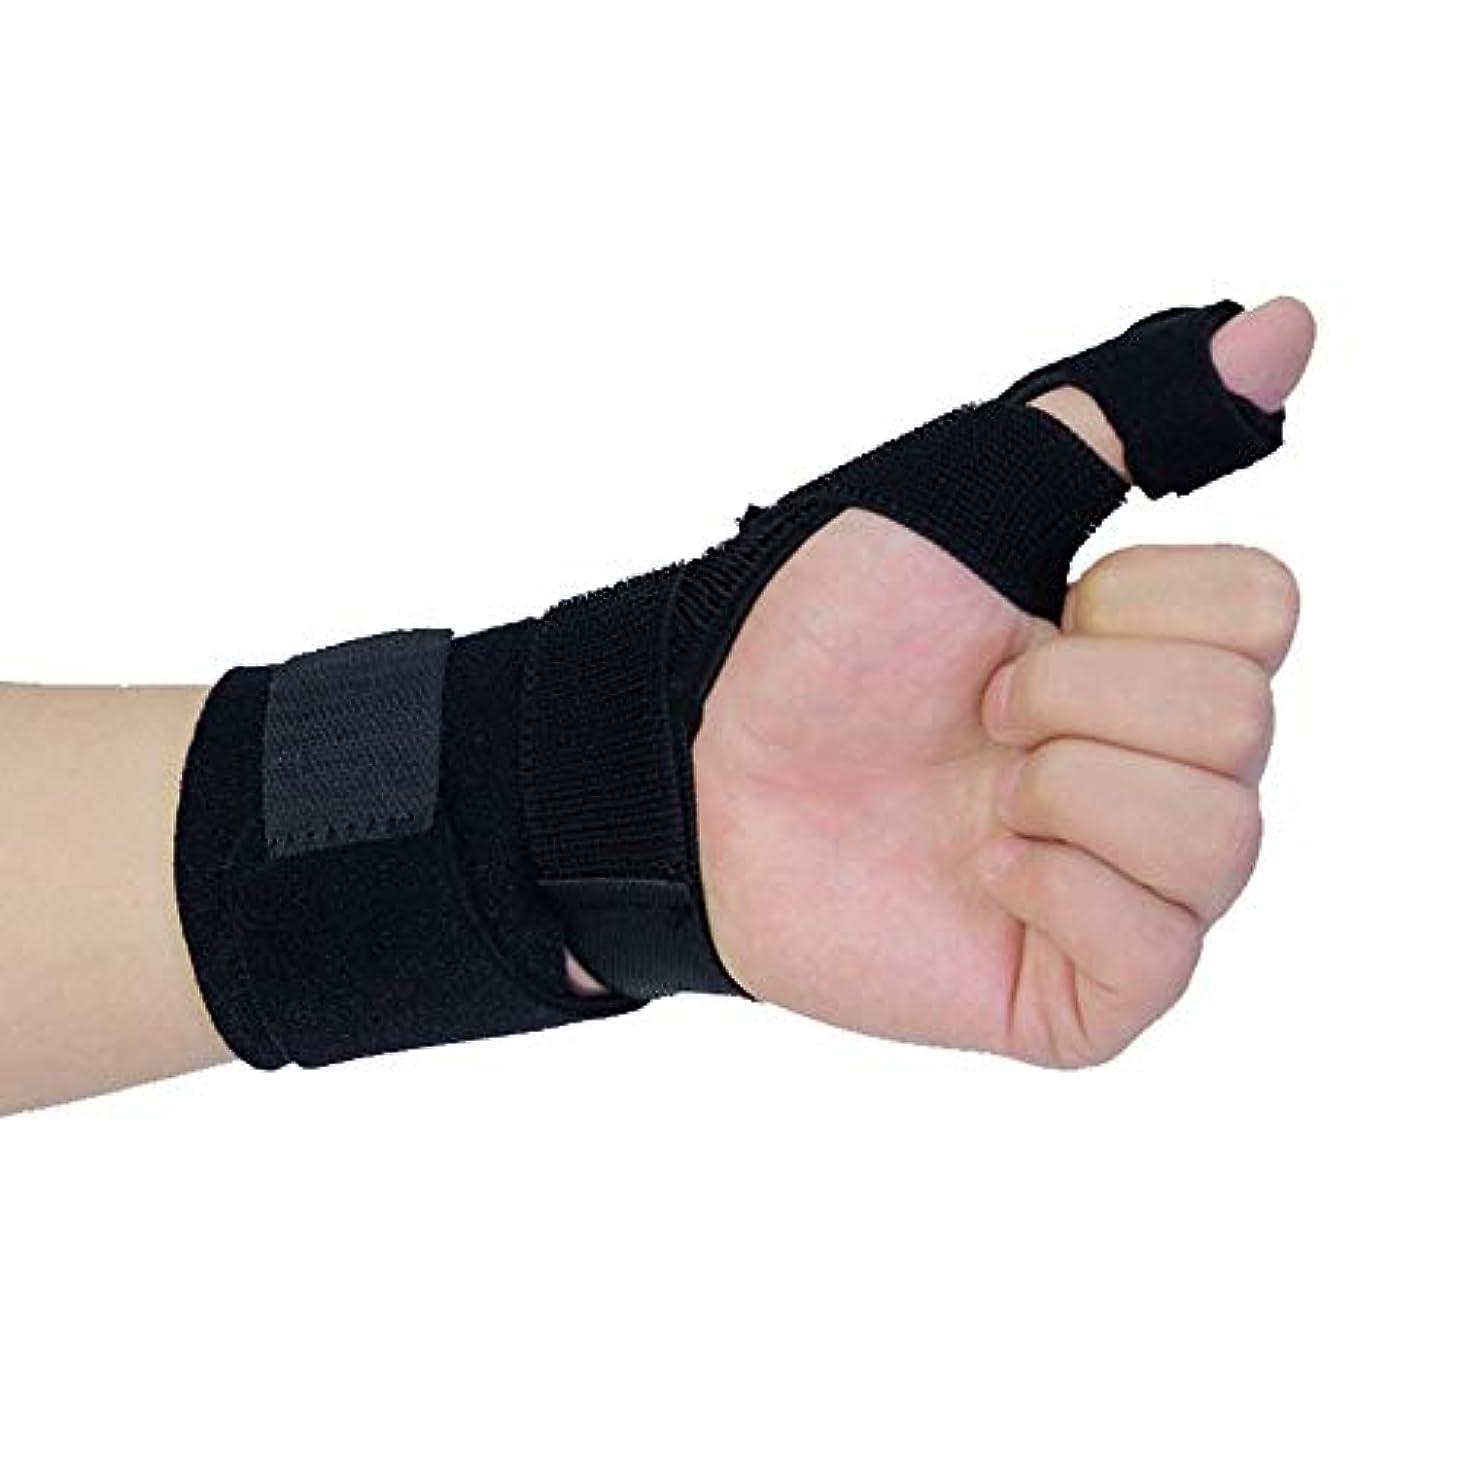 聡明あなたは誘う親指ブレース、関節炎、腱炎、手根管の痛みの軽減、軽量で 調節可能なサイズに適した調節可能なプロテクター